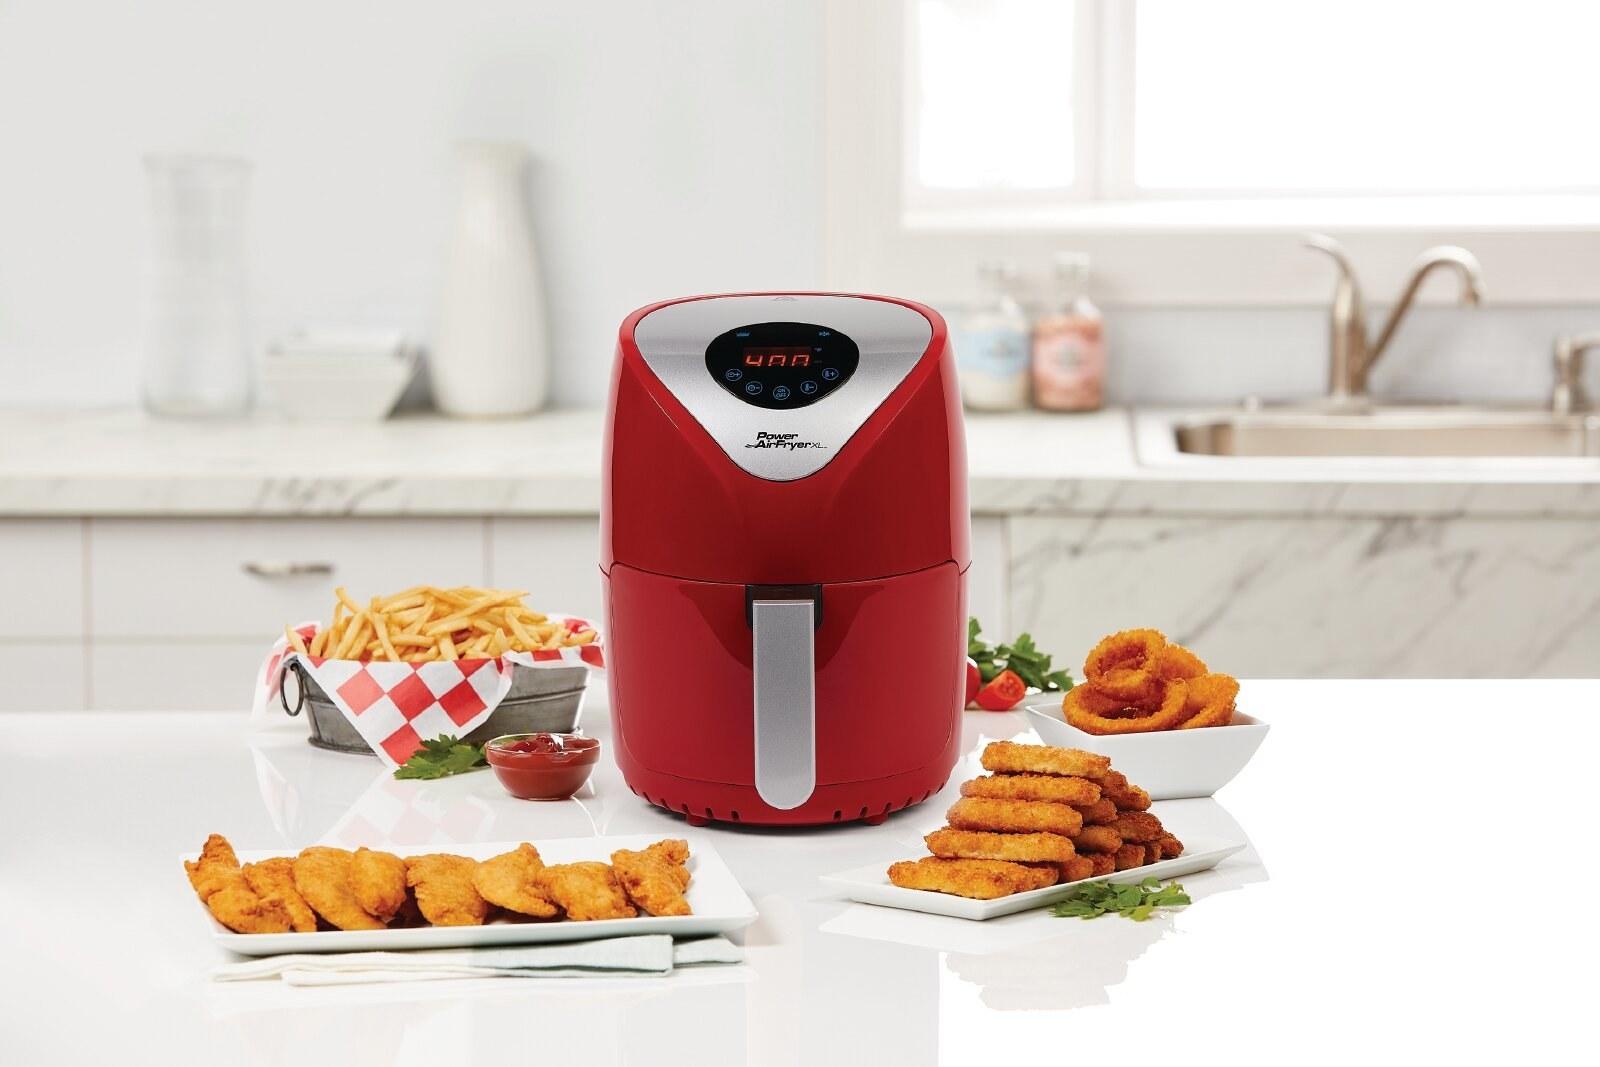 a red air fryer